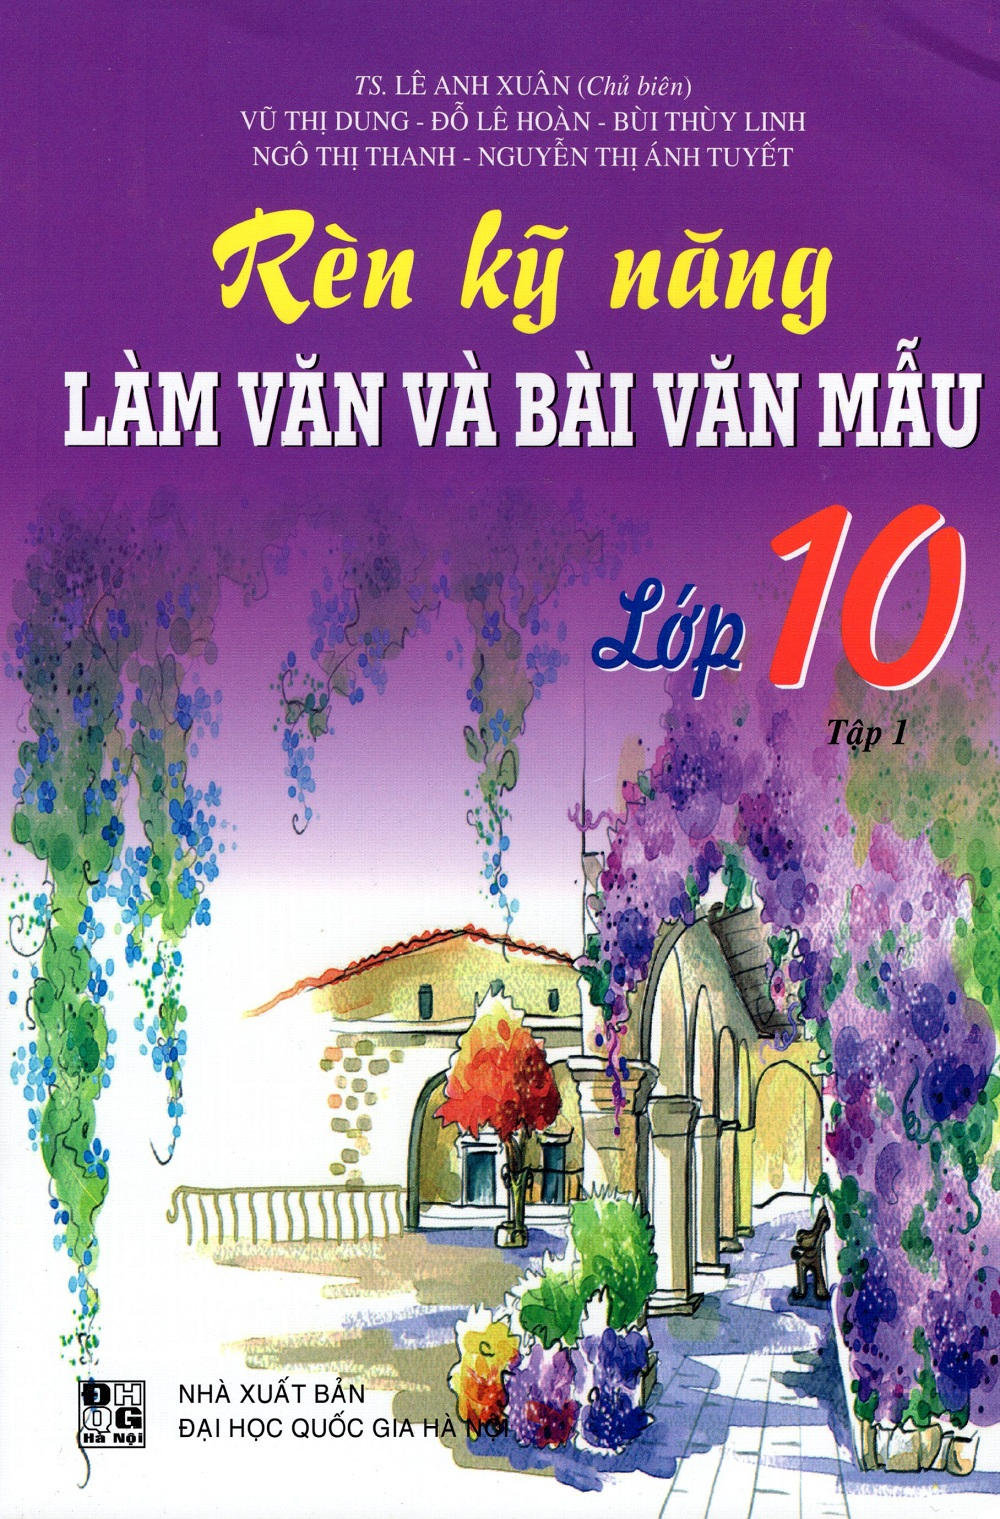 Bìa sách Rèn Kỹ Năng Làm Văn Và Bài Văn Mẫu Lớp 10 (Tập 1)